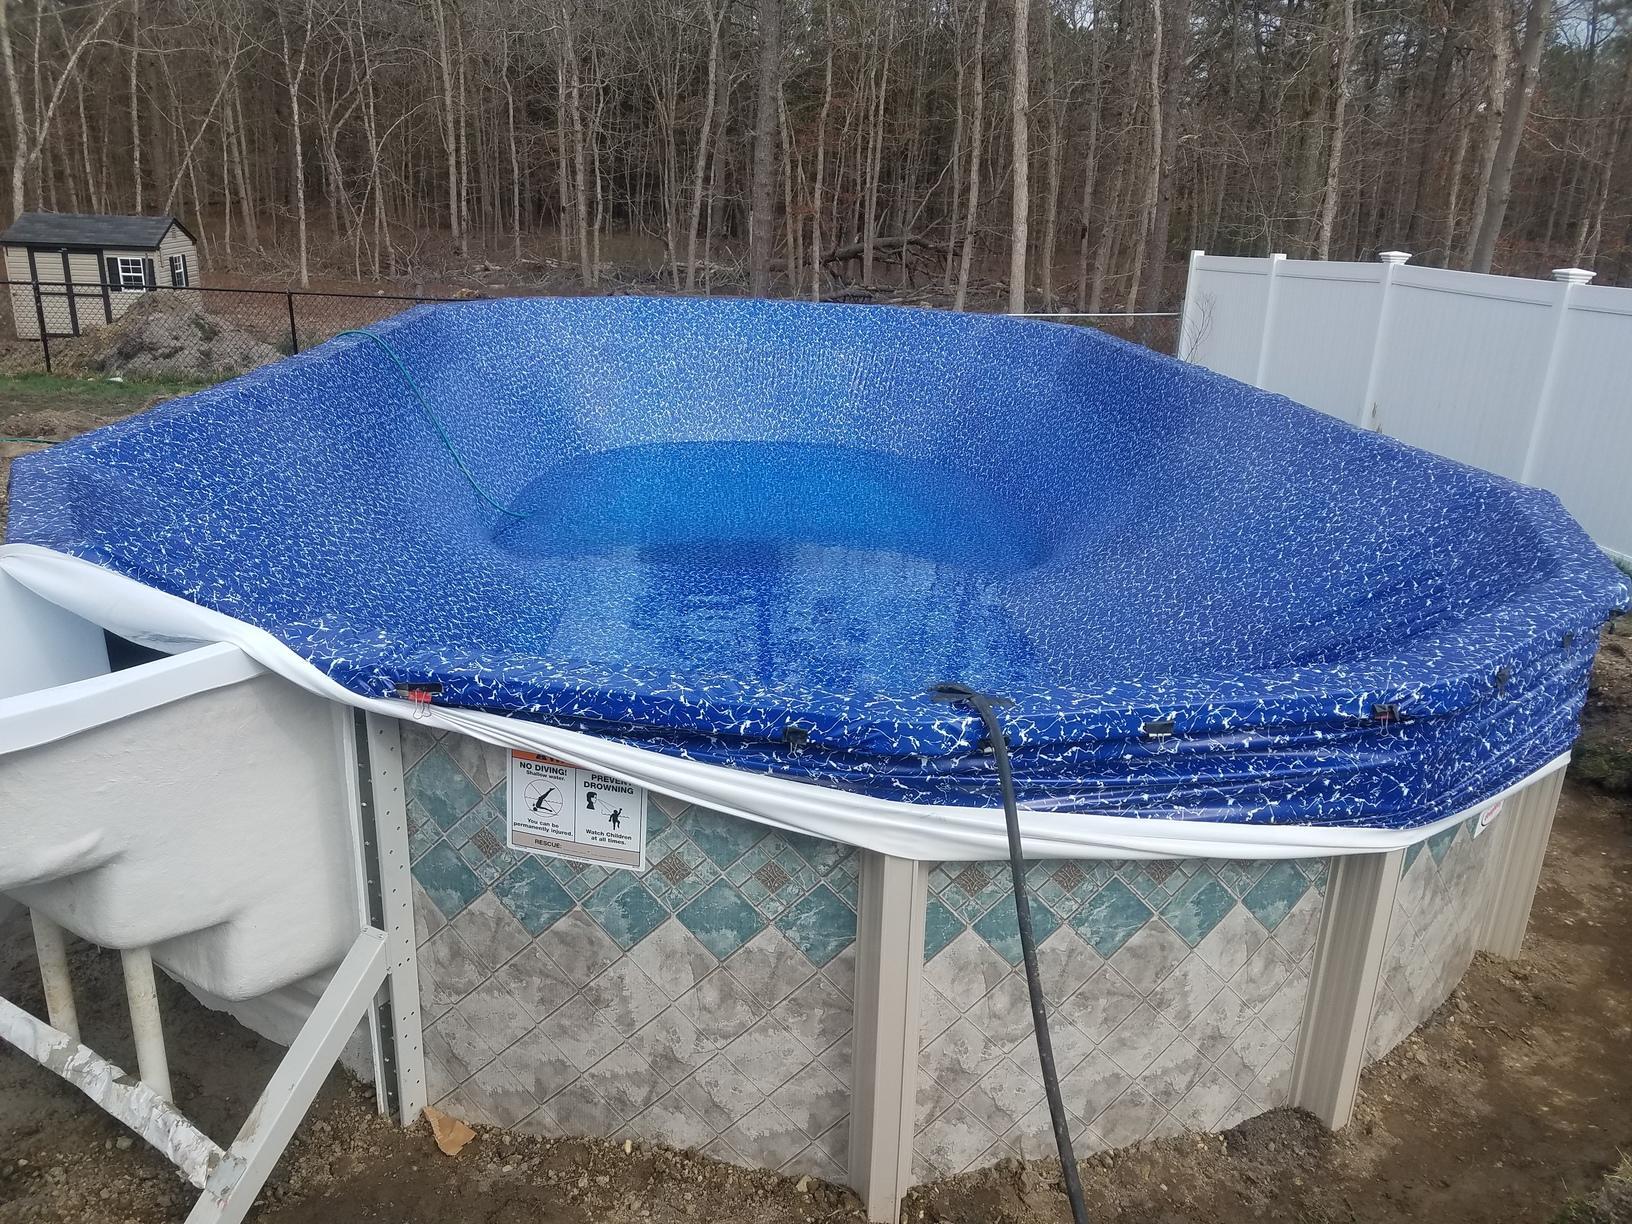 Doughboy Pool Installation in Barnegat, NJ